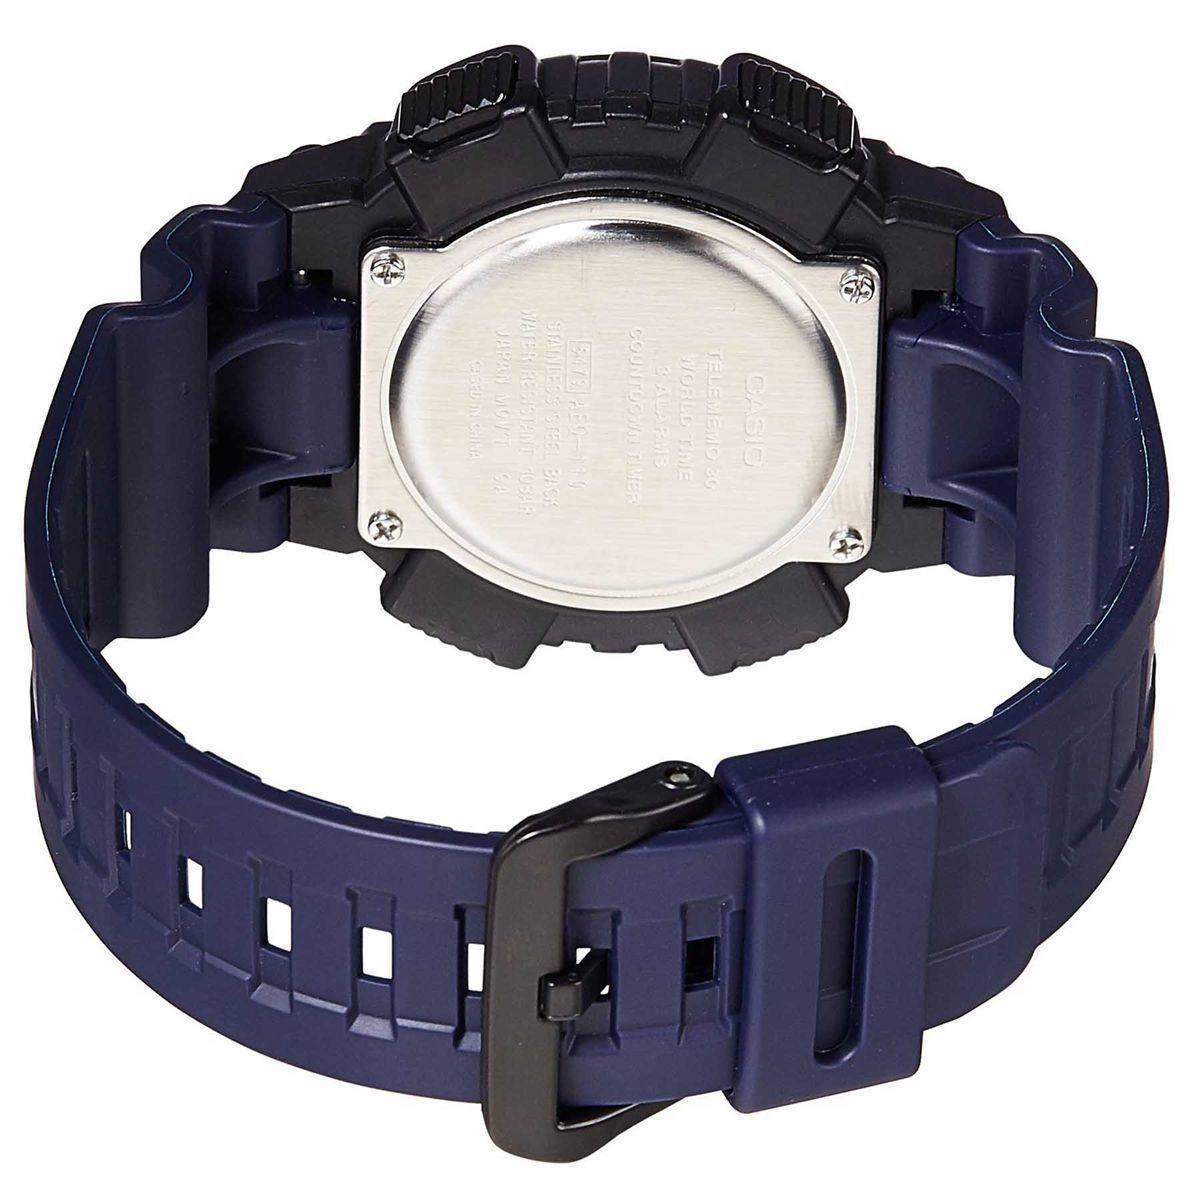 3adfa74b183 Relógio Casio Standard Digital Masculino AEQ-110W-2 Produto não disponível